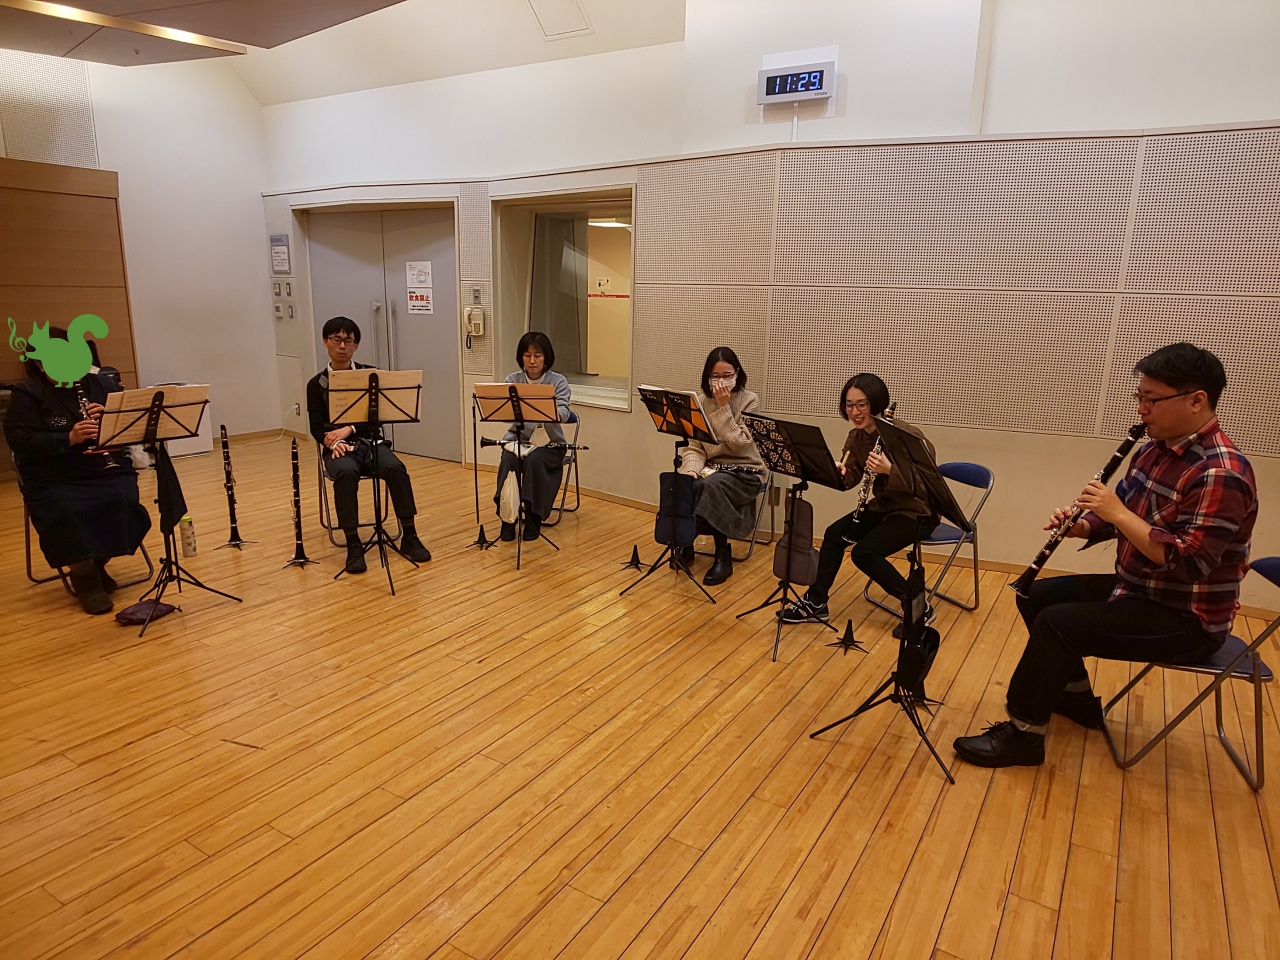 吹き方の確認をしながら個人練習する中級者アンサンブルメンバー